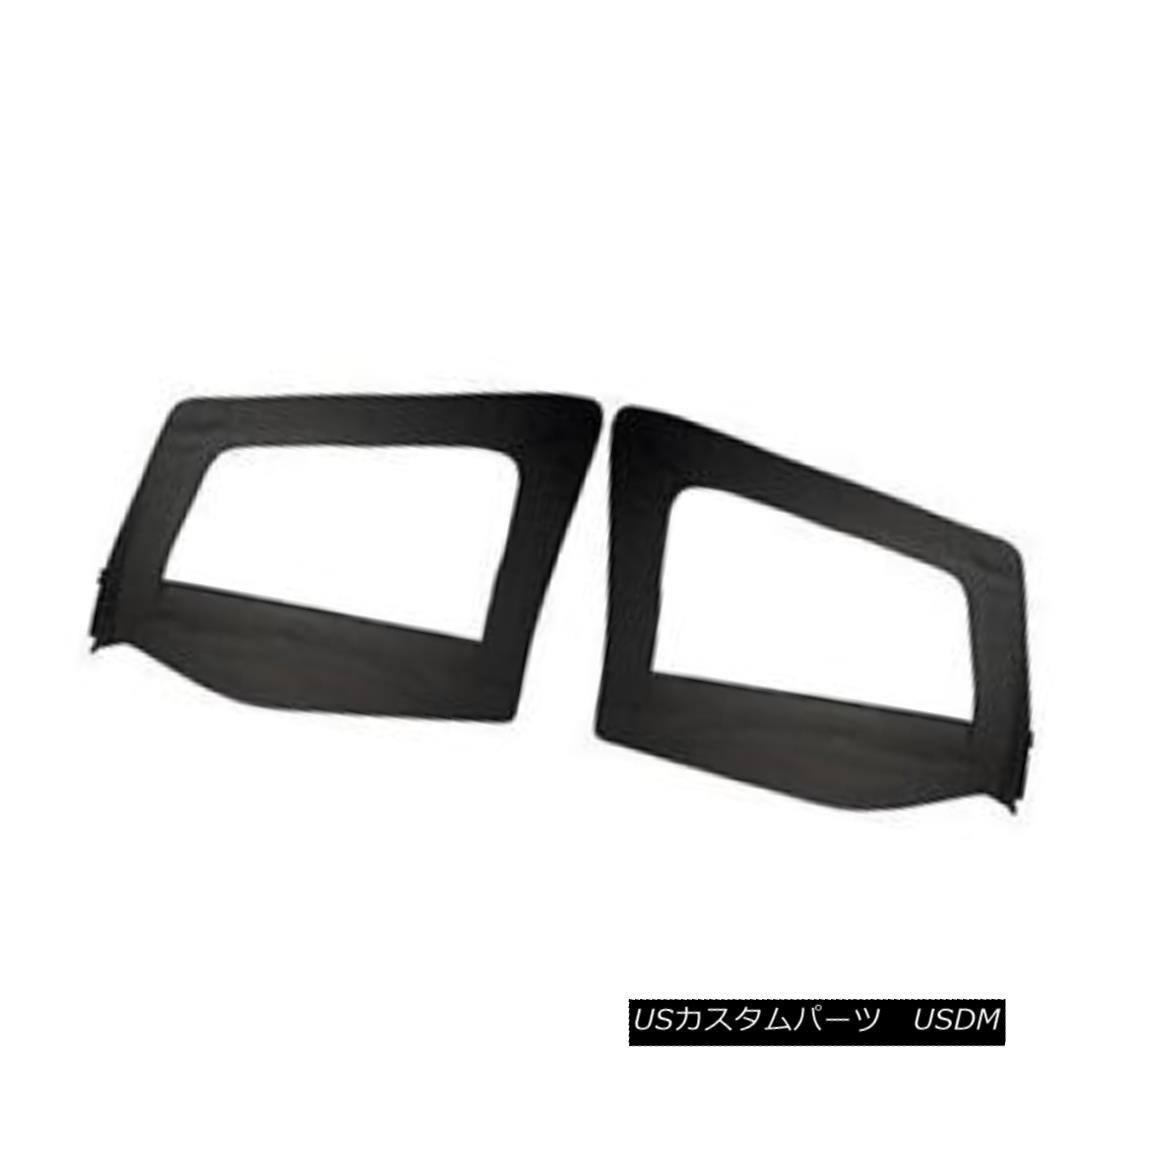 幌・ソフトトップ Rampage Door Skins 97-06 Jeep Wrangler TJ LJ 89715 Black Denim ランペイジドアスキン97-06ジープラングラーTJ LJ 89715ブラックデニム